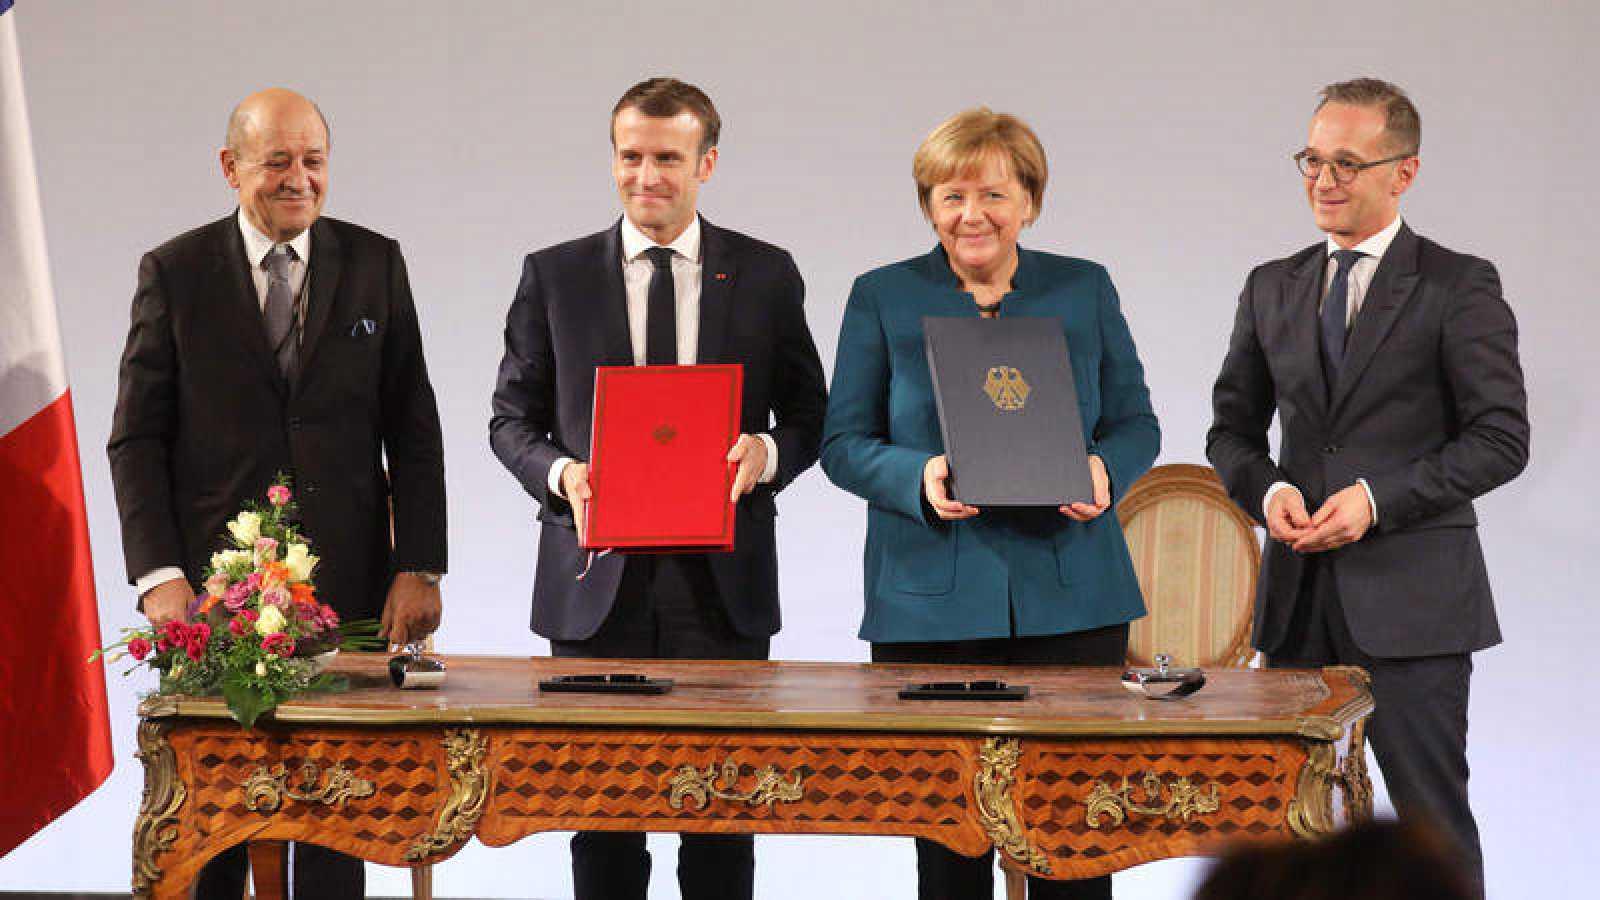 El presidente francés, Emmanuel Macron, y la canciller alemana, Angela Merkel sostienen el tratado bilateral firmado por ambos